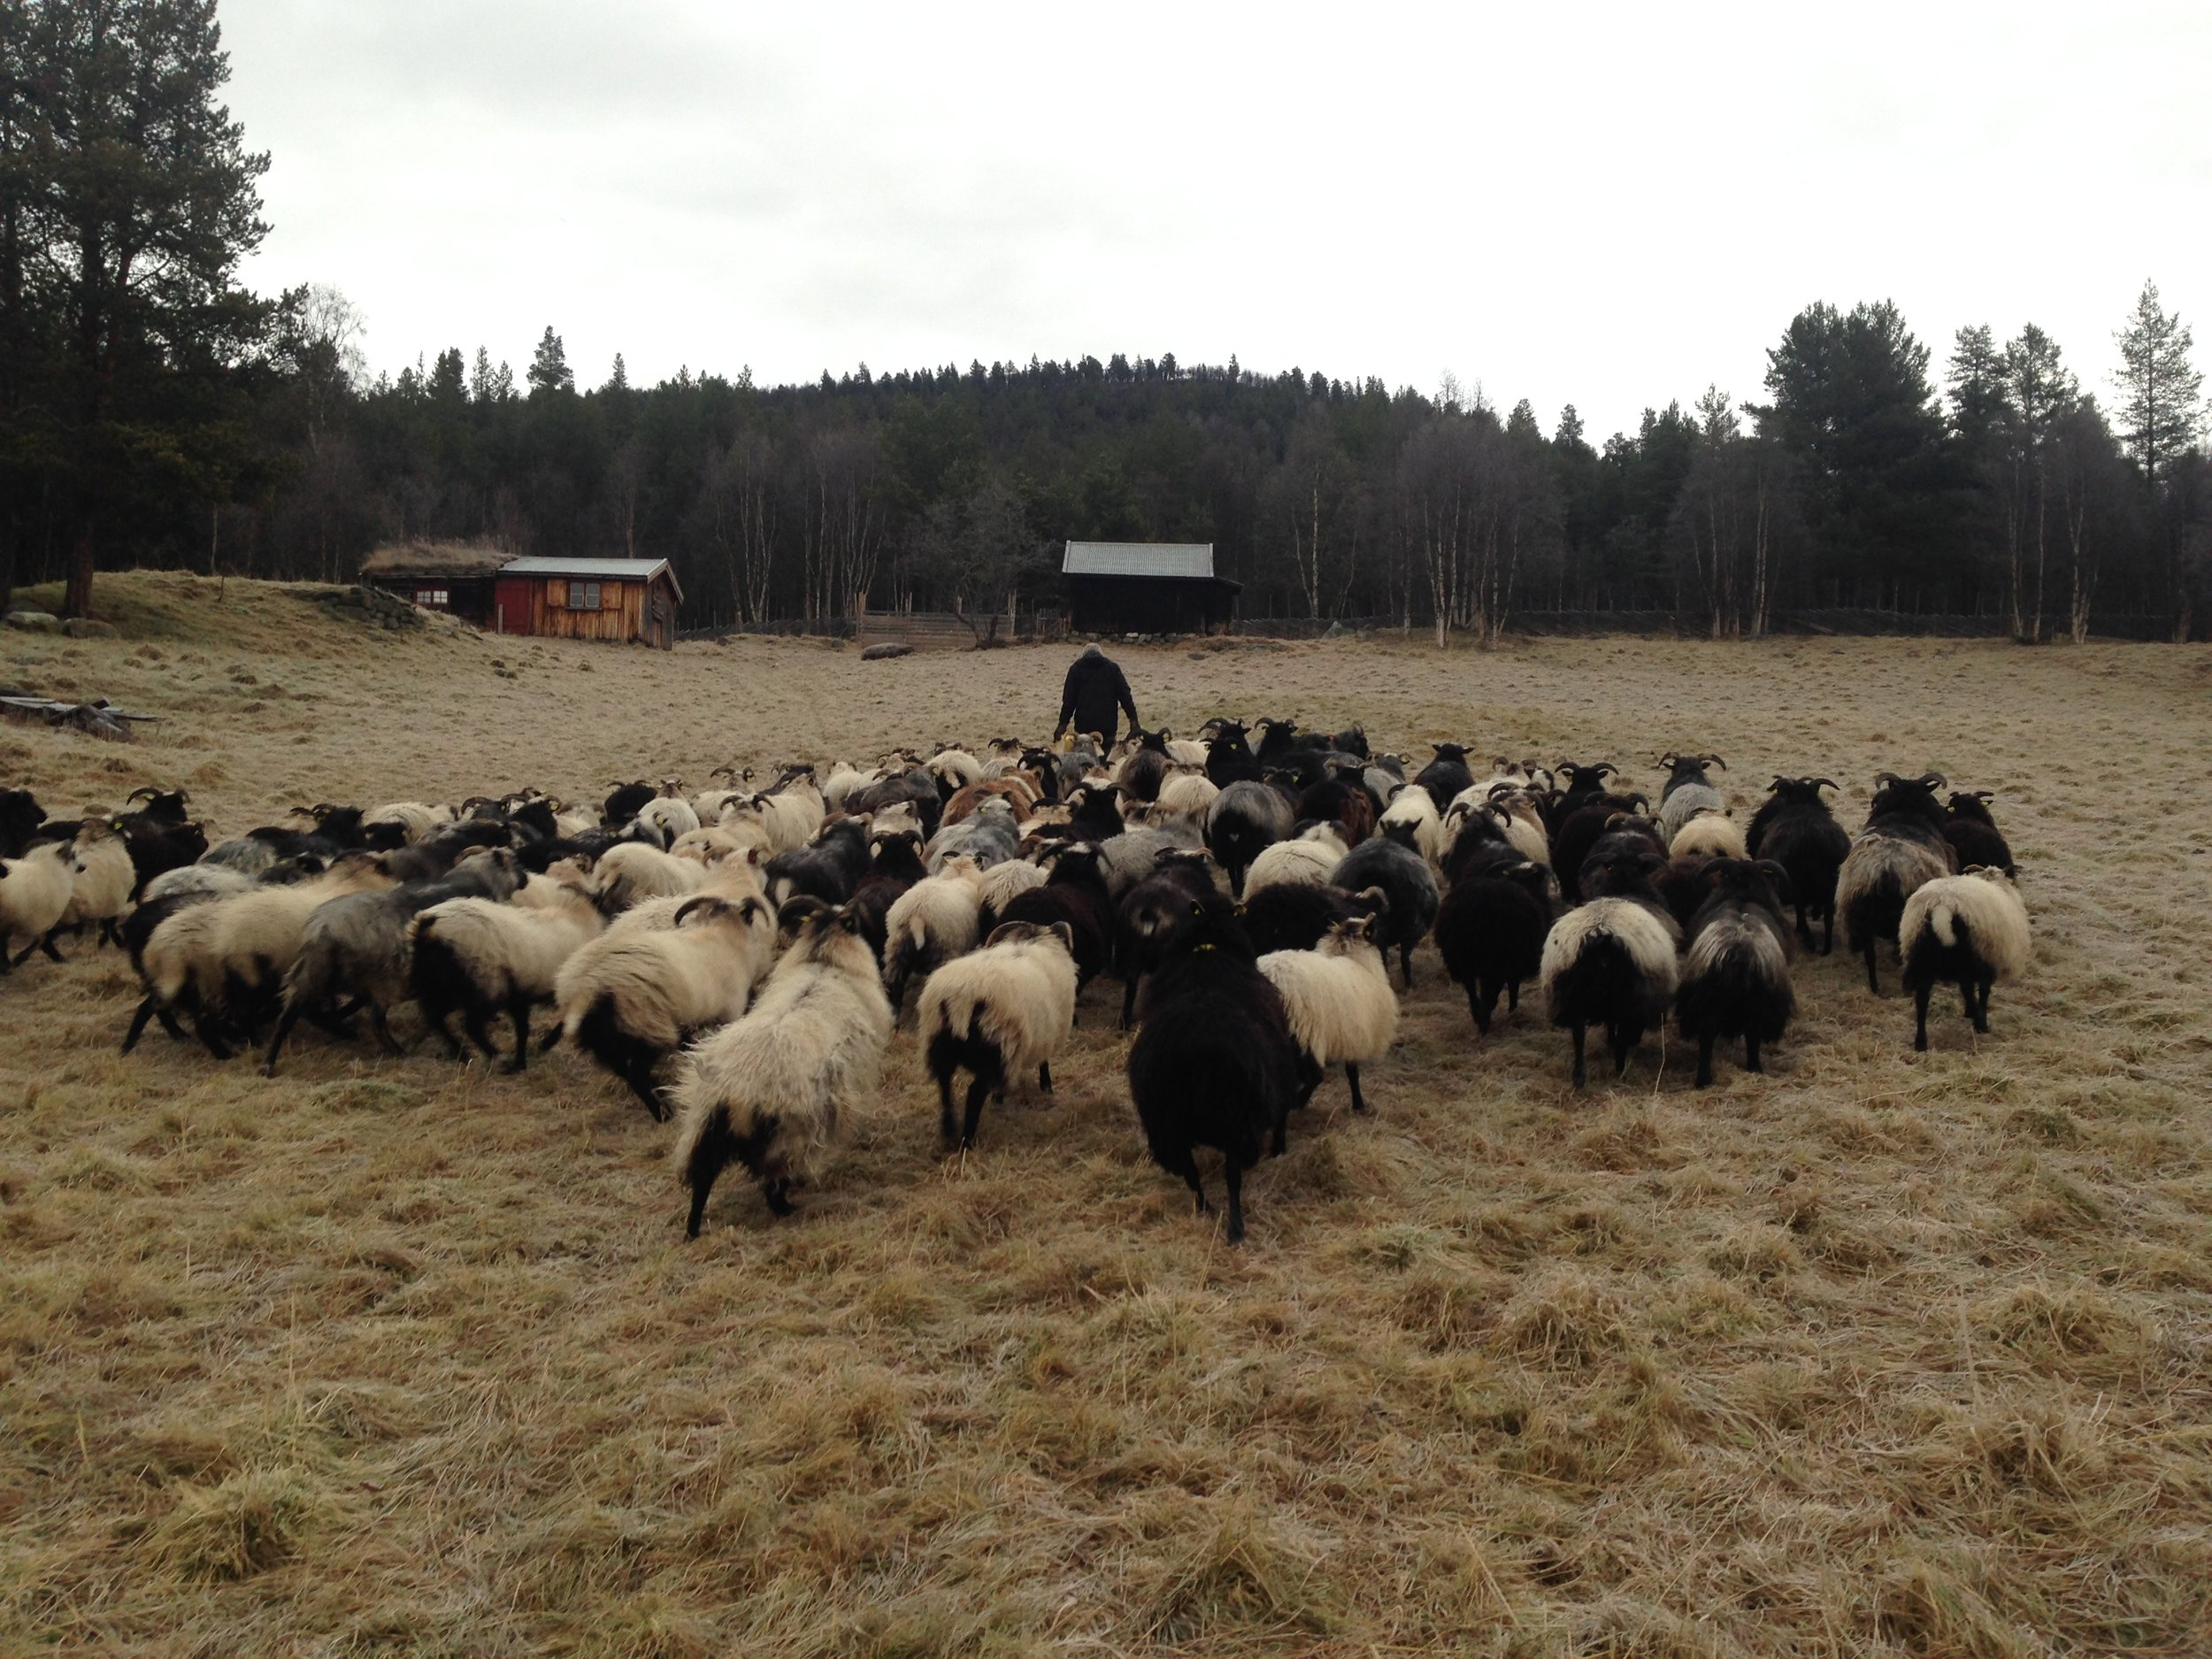 2017 - da er tiden kommet for å samle flokken og gå dem hjem til gården.